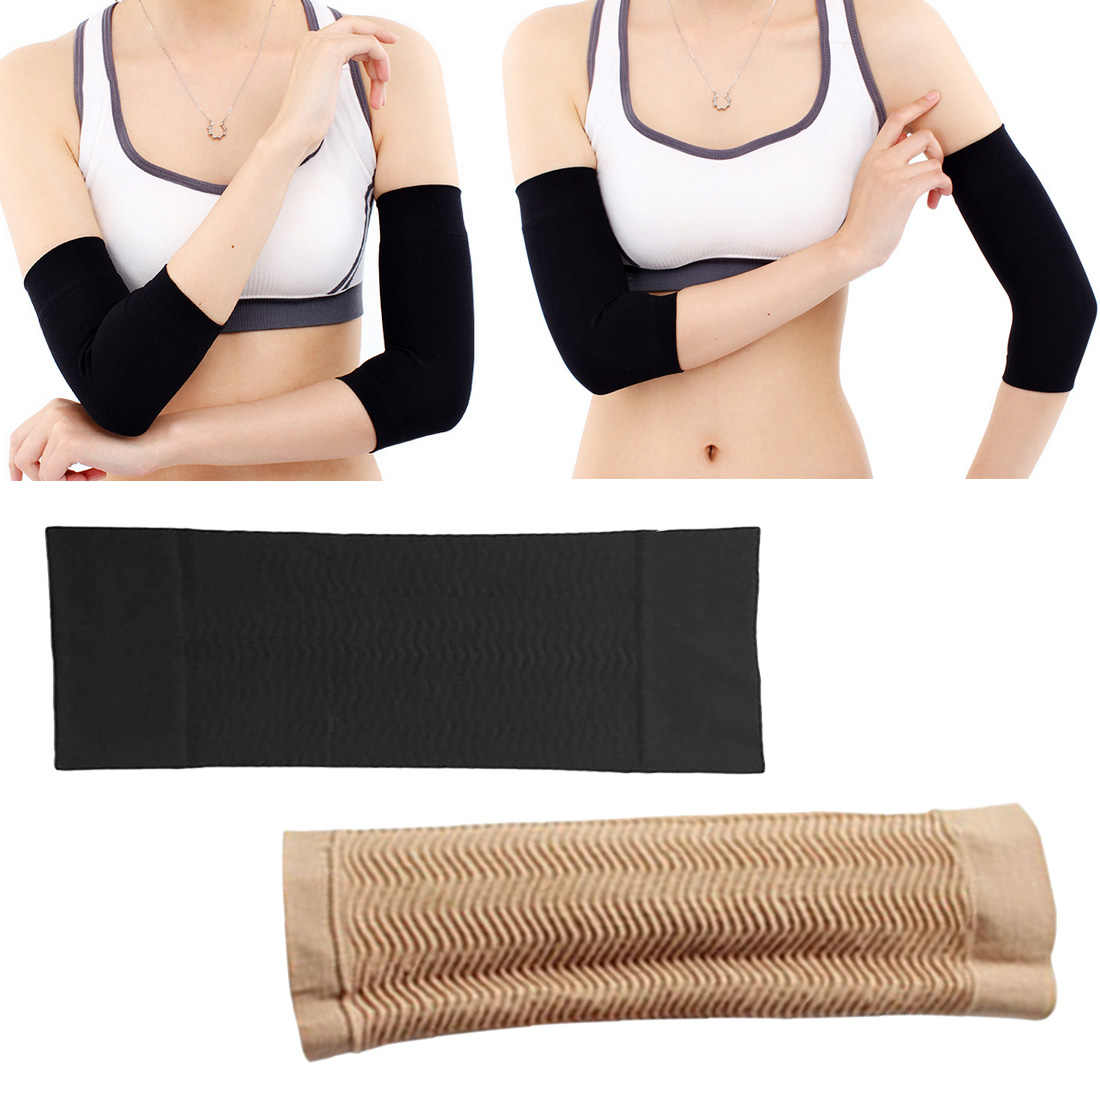 Одежда Для Похудения Рук. Как похудеть в руках и плечах быстро не накачивая их